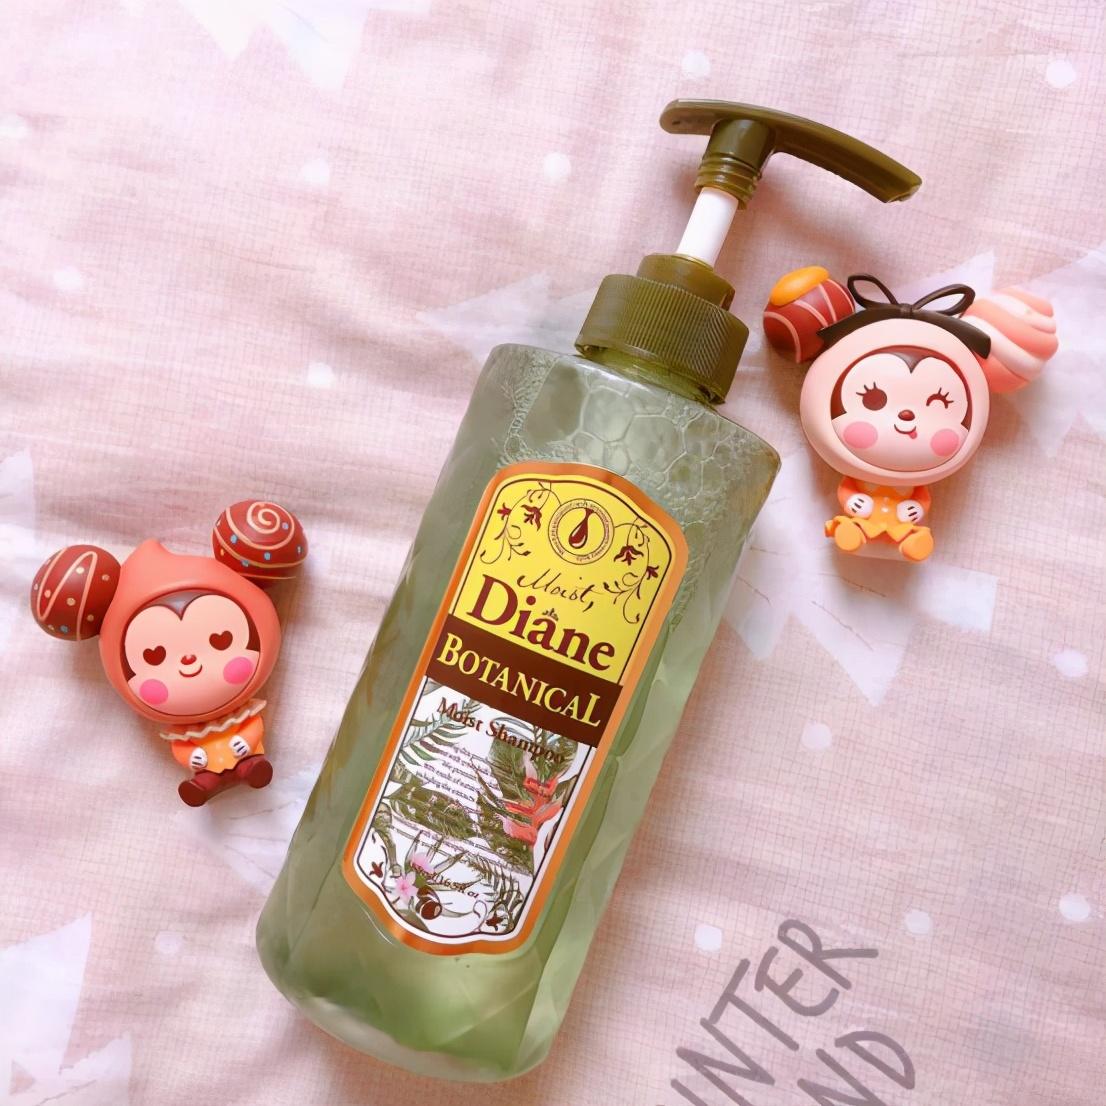 洗发水并非越贵越好!这4款口碑不错的洗发水,控油又养发